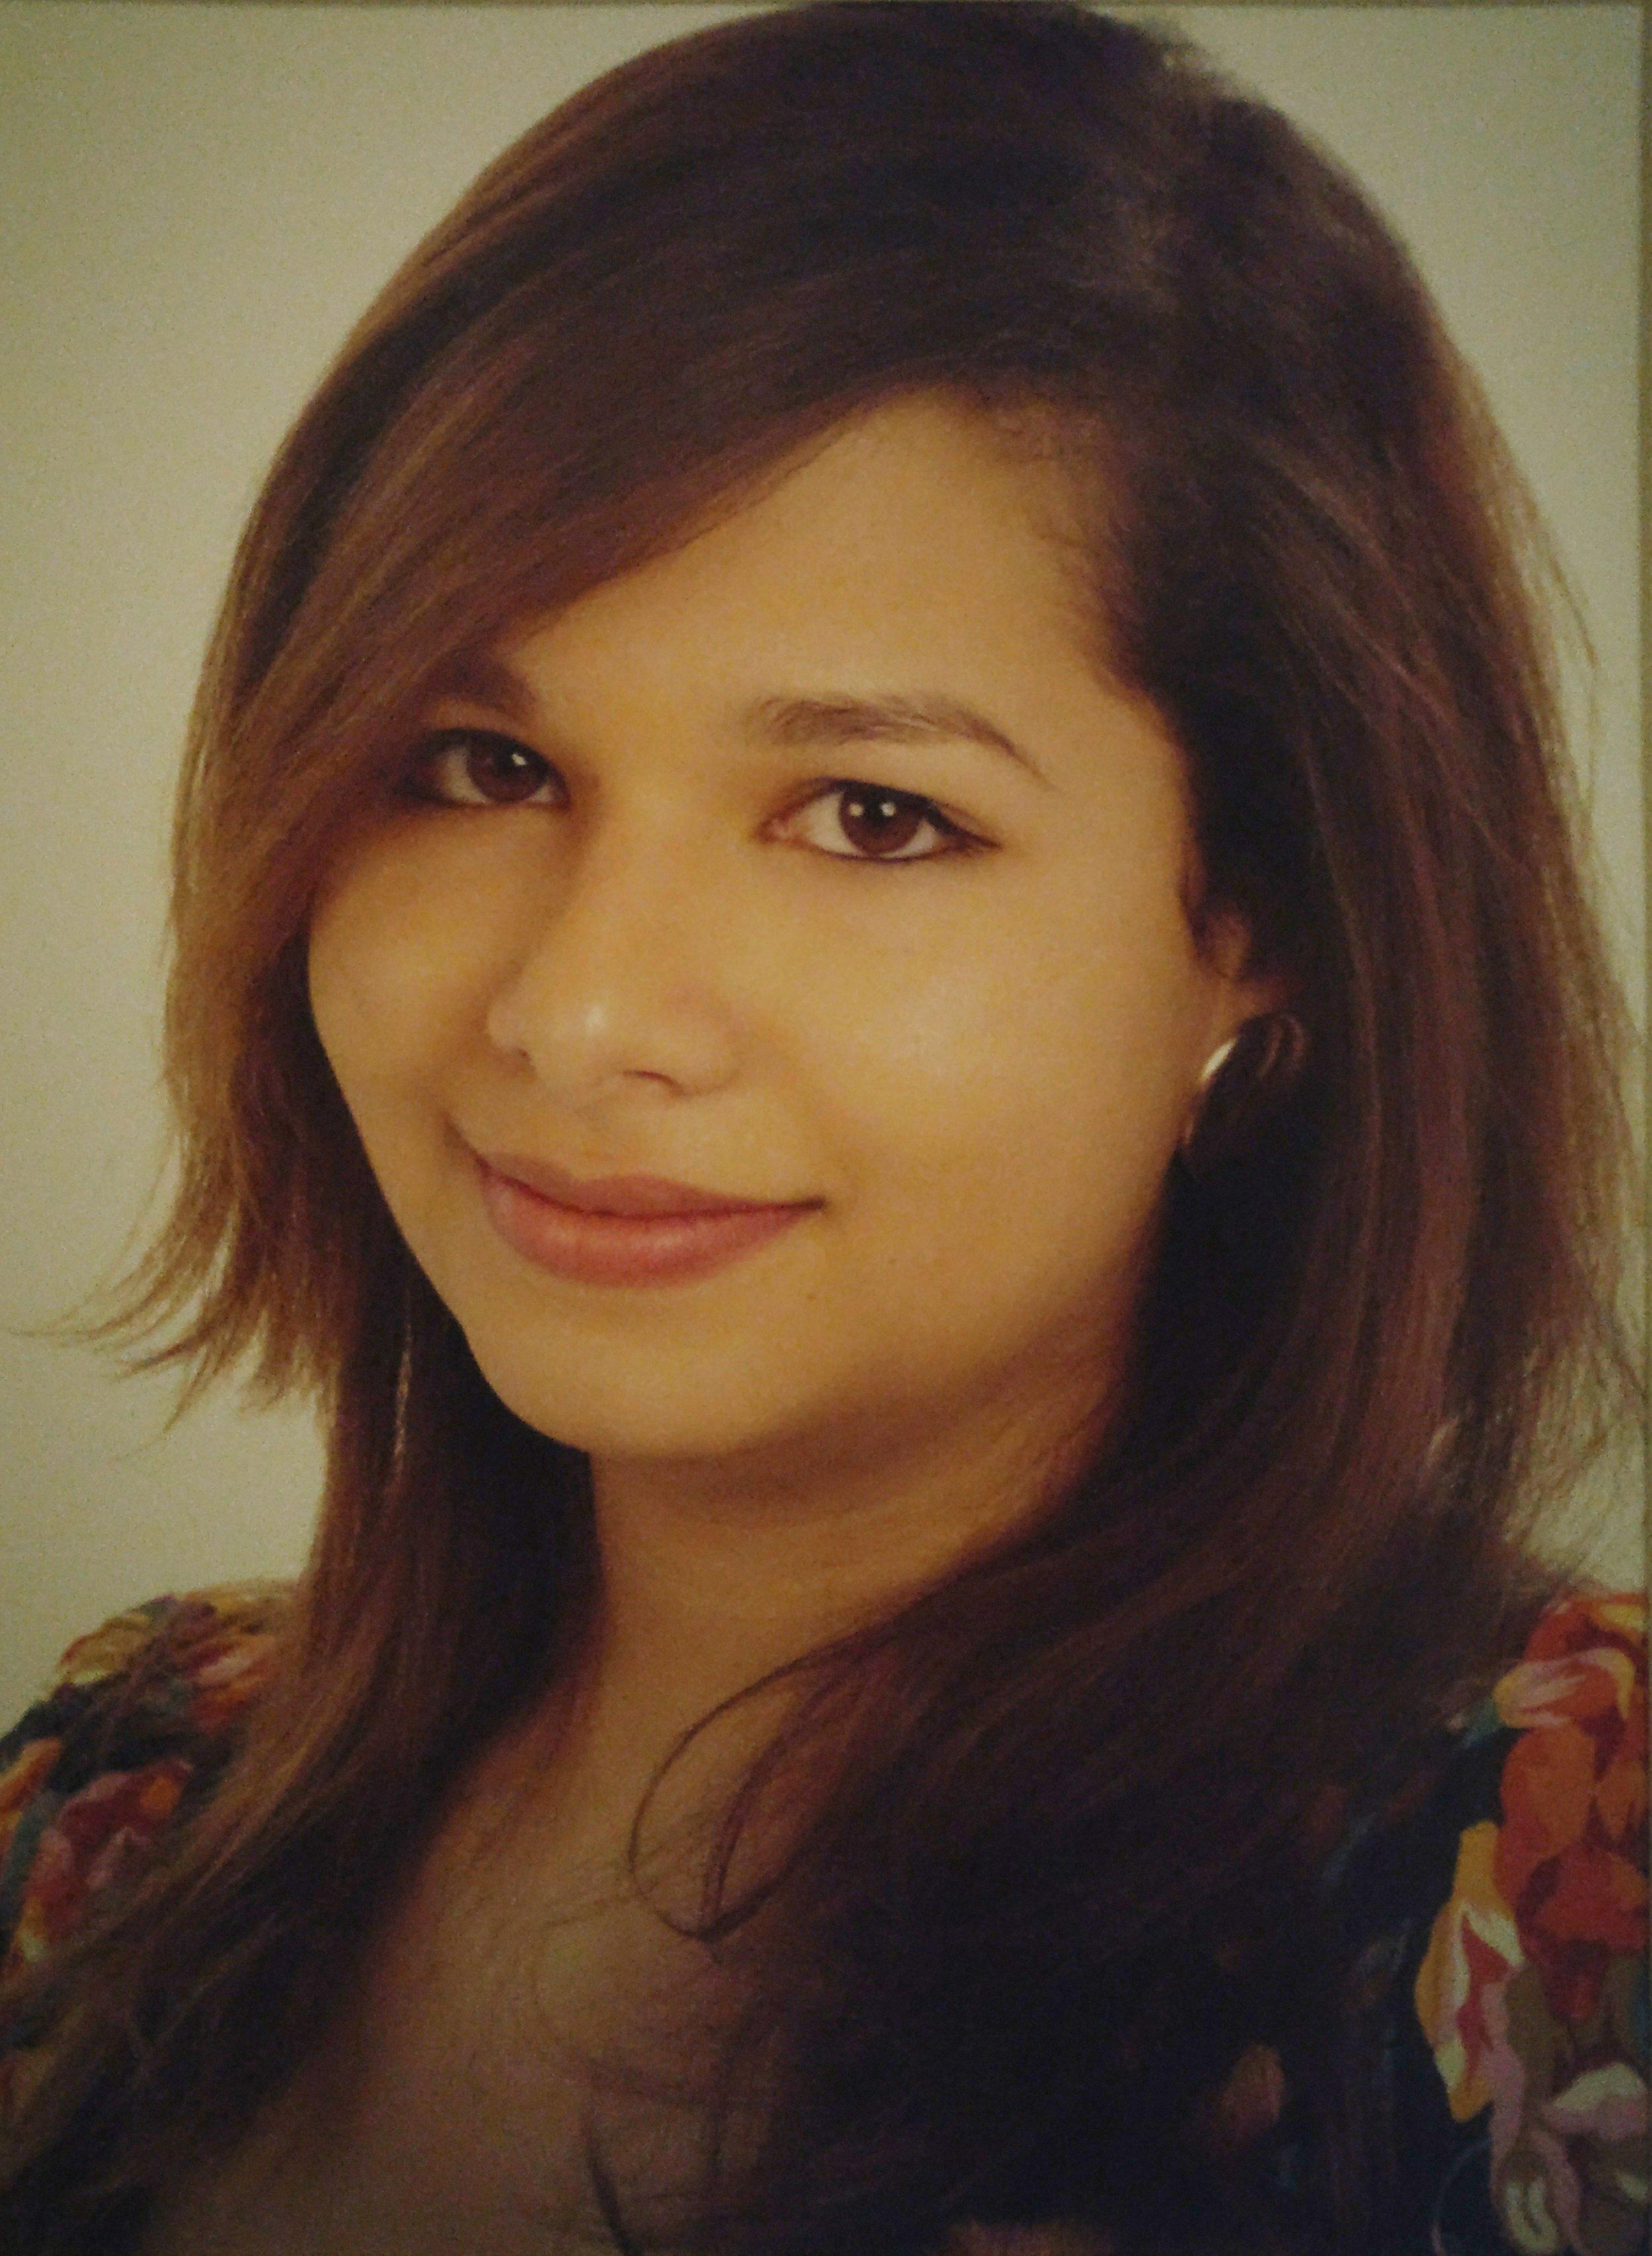 Photo of Anyka Davis.